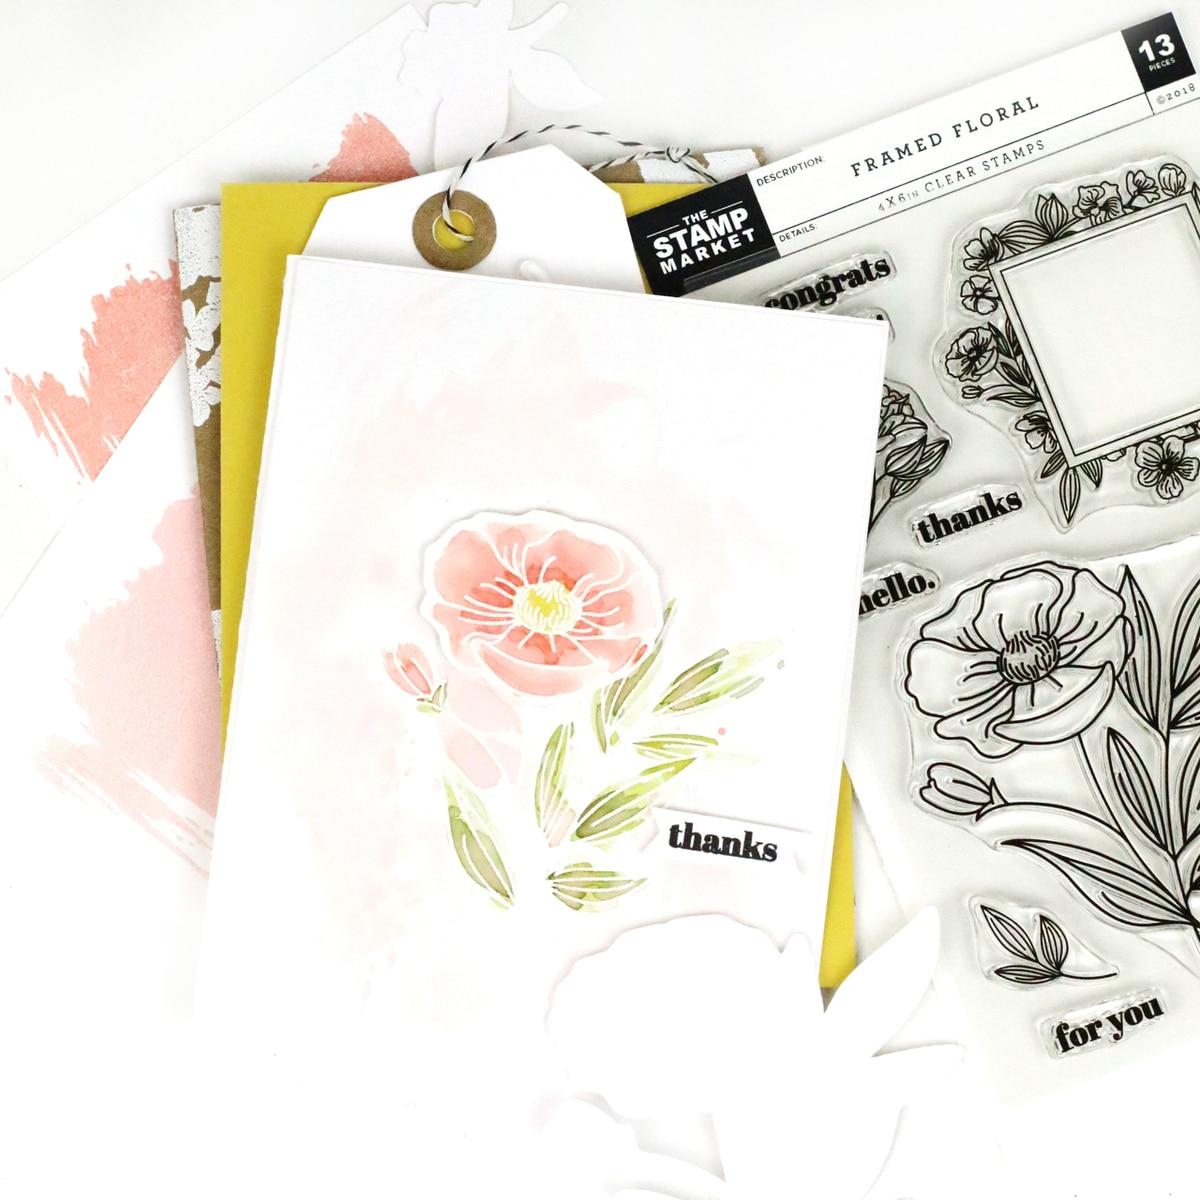 The Stamp Market セット♪ - Framed Floral